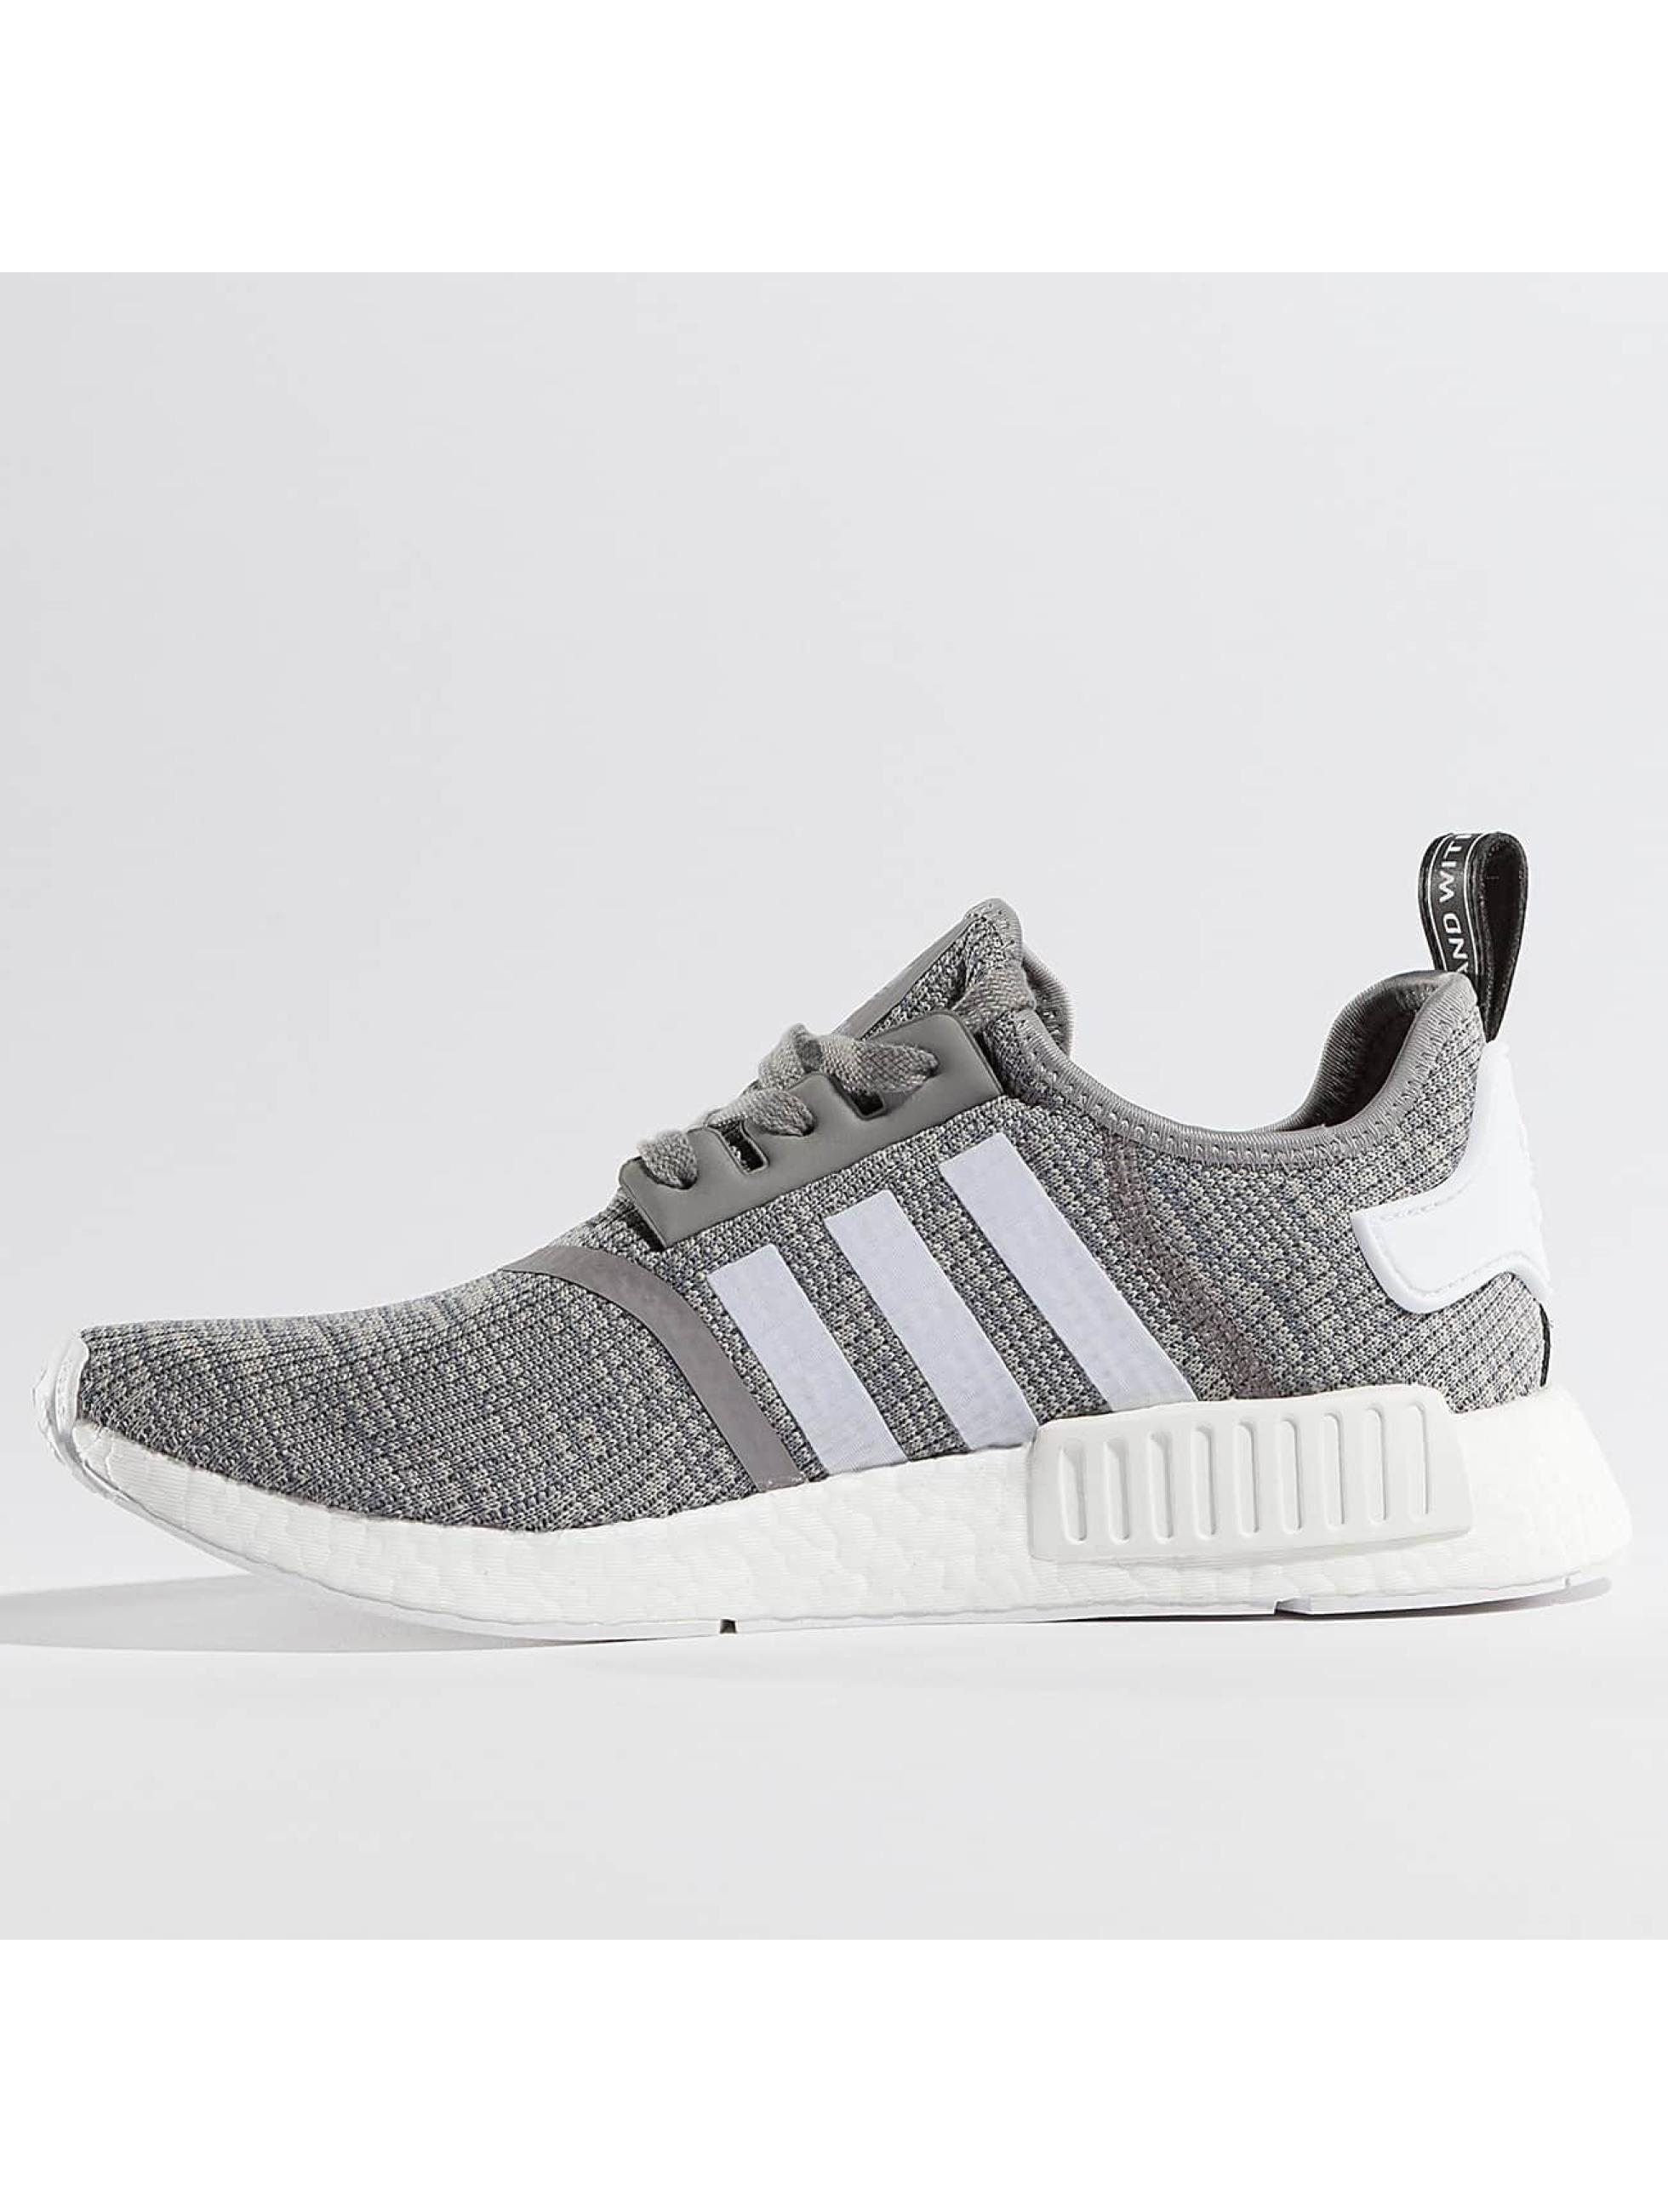 adidas originals Sneakers NMD R1 grey